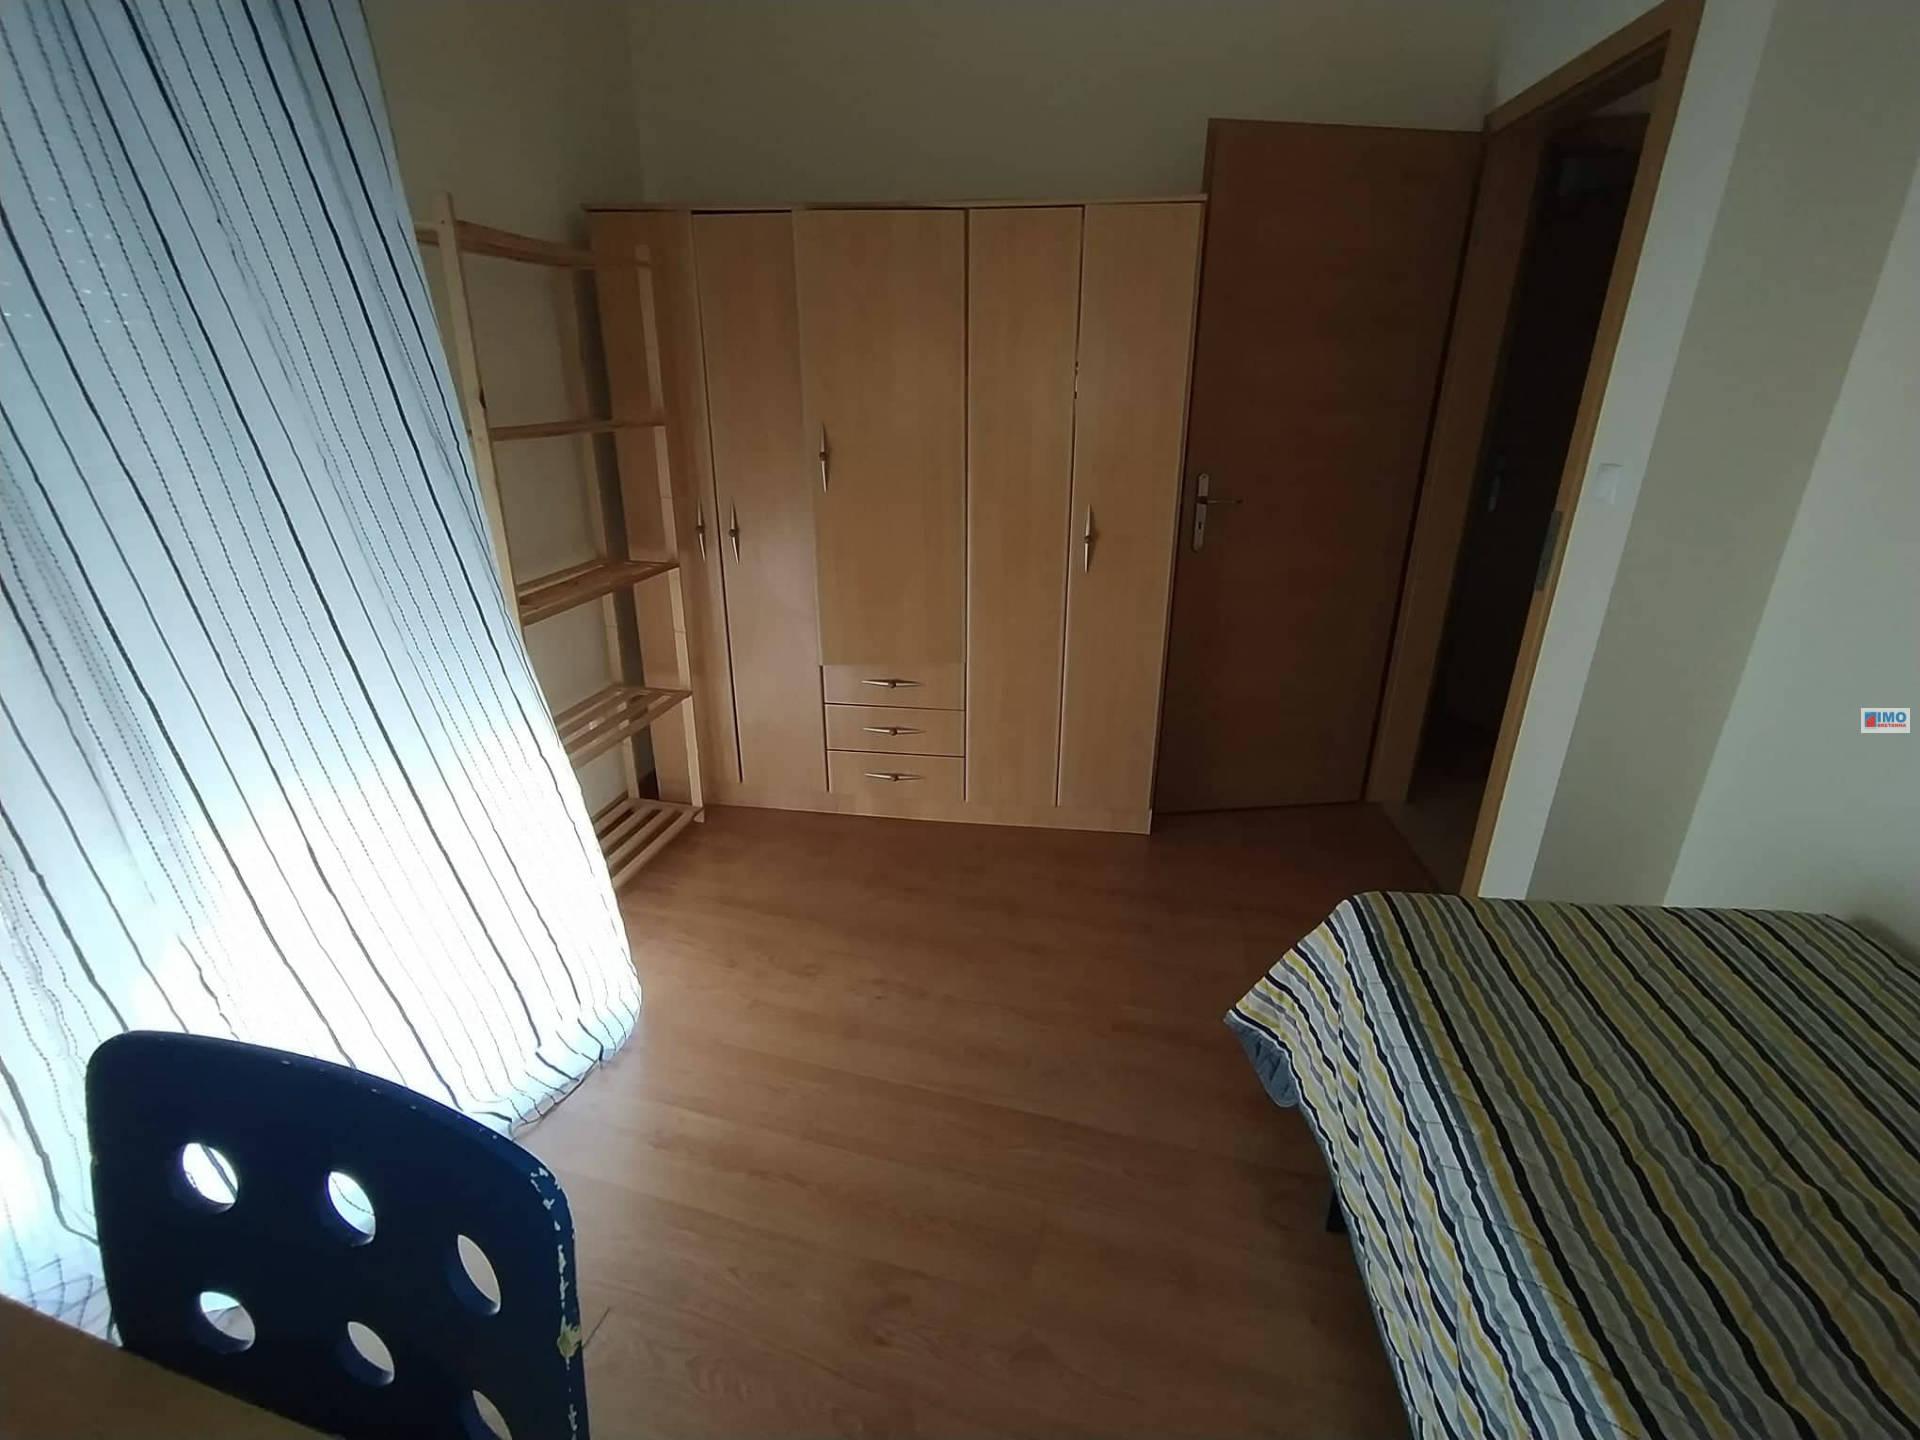 Camera da Letto 3 Vani